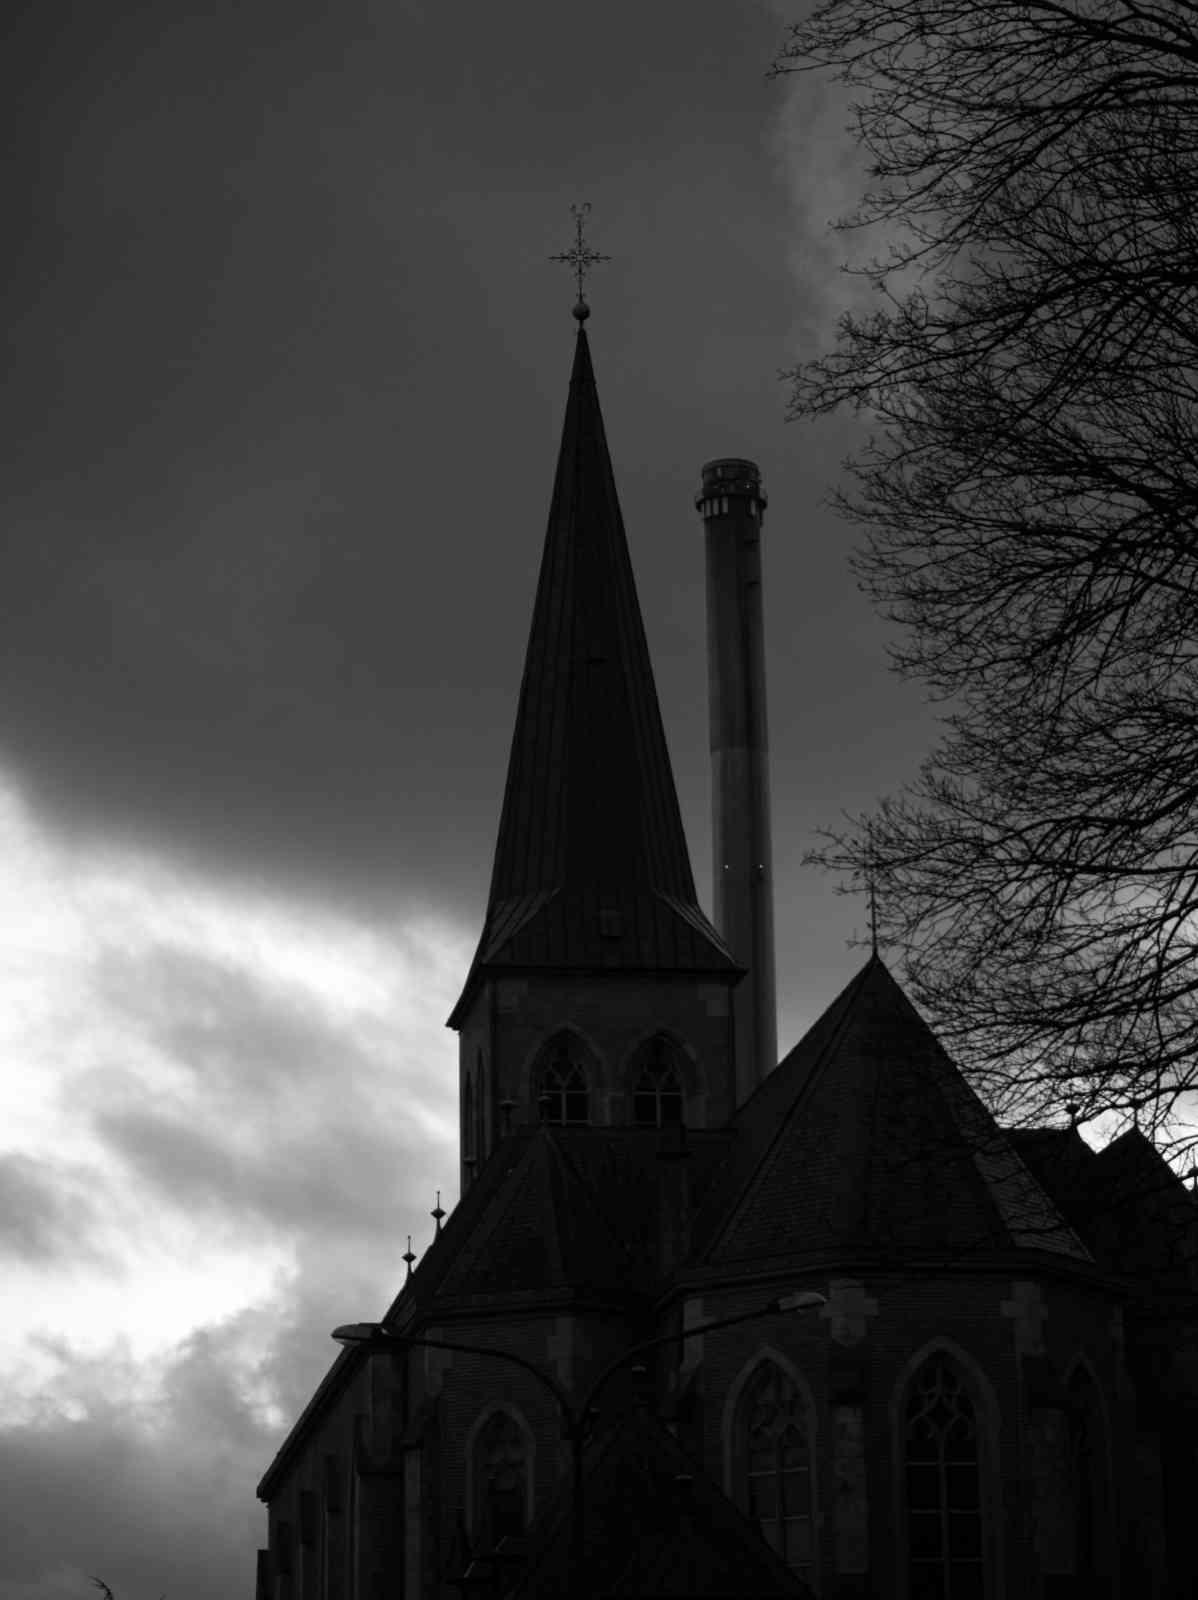 Der Große Schornstein, Wuppertal 06